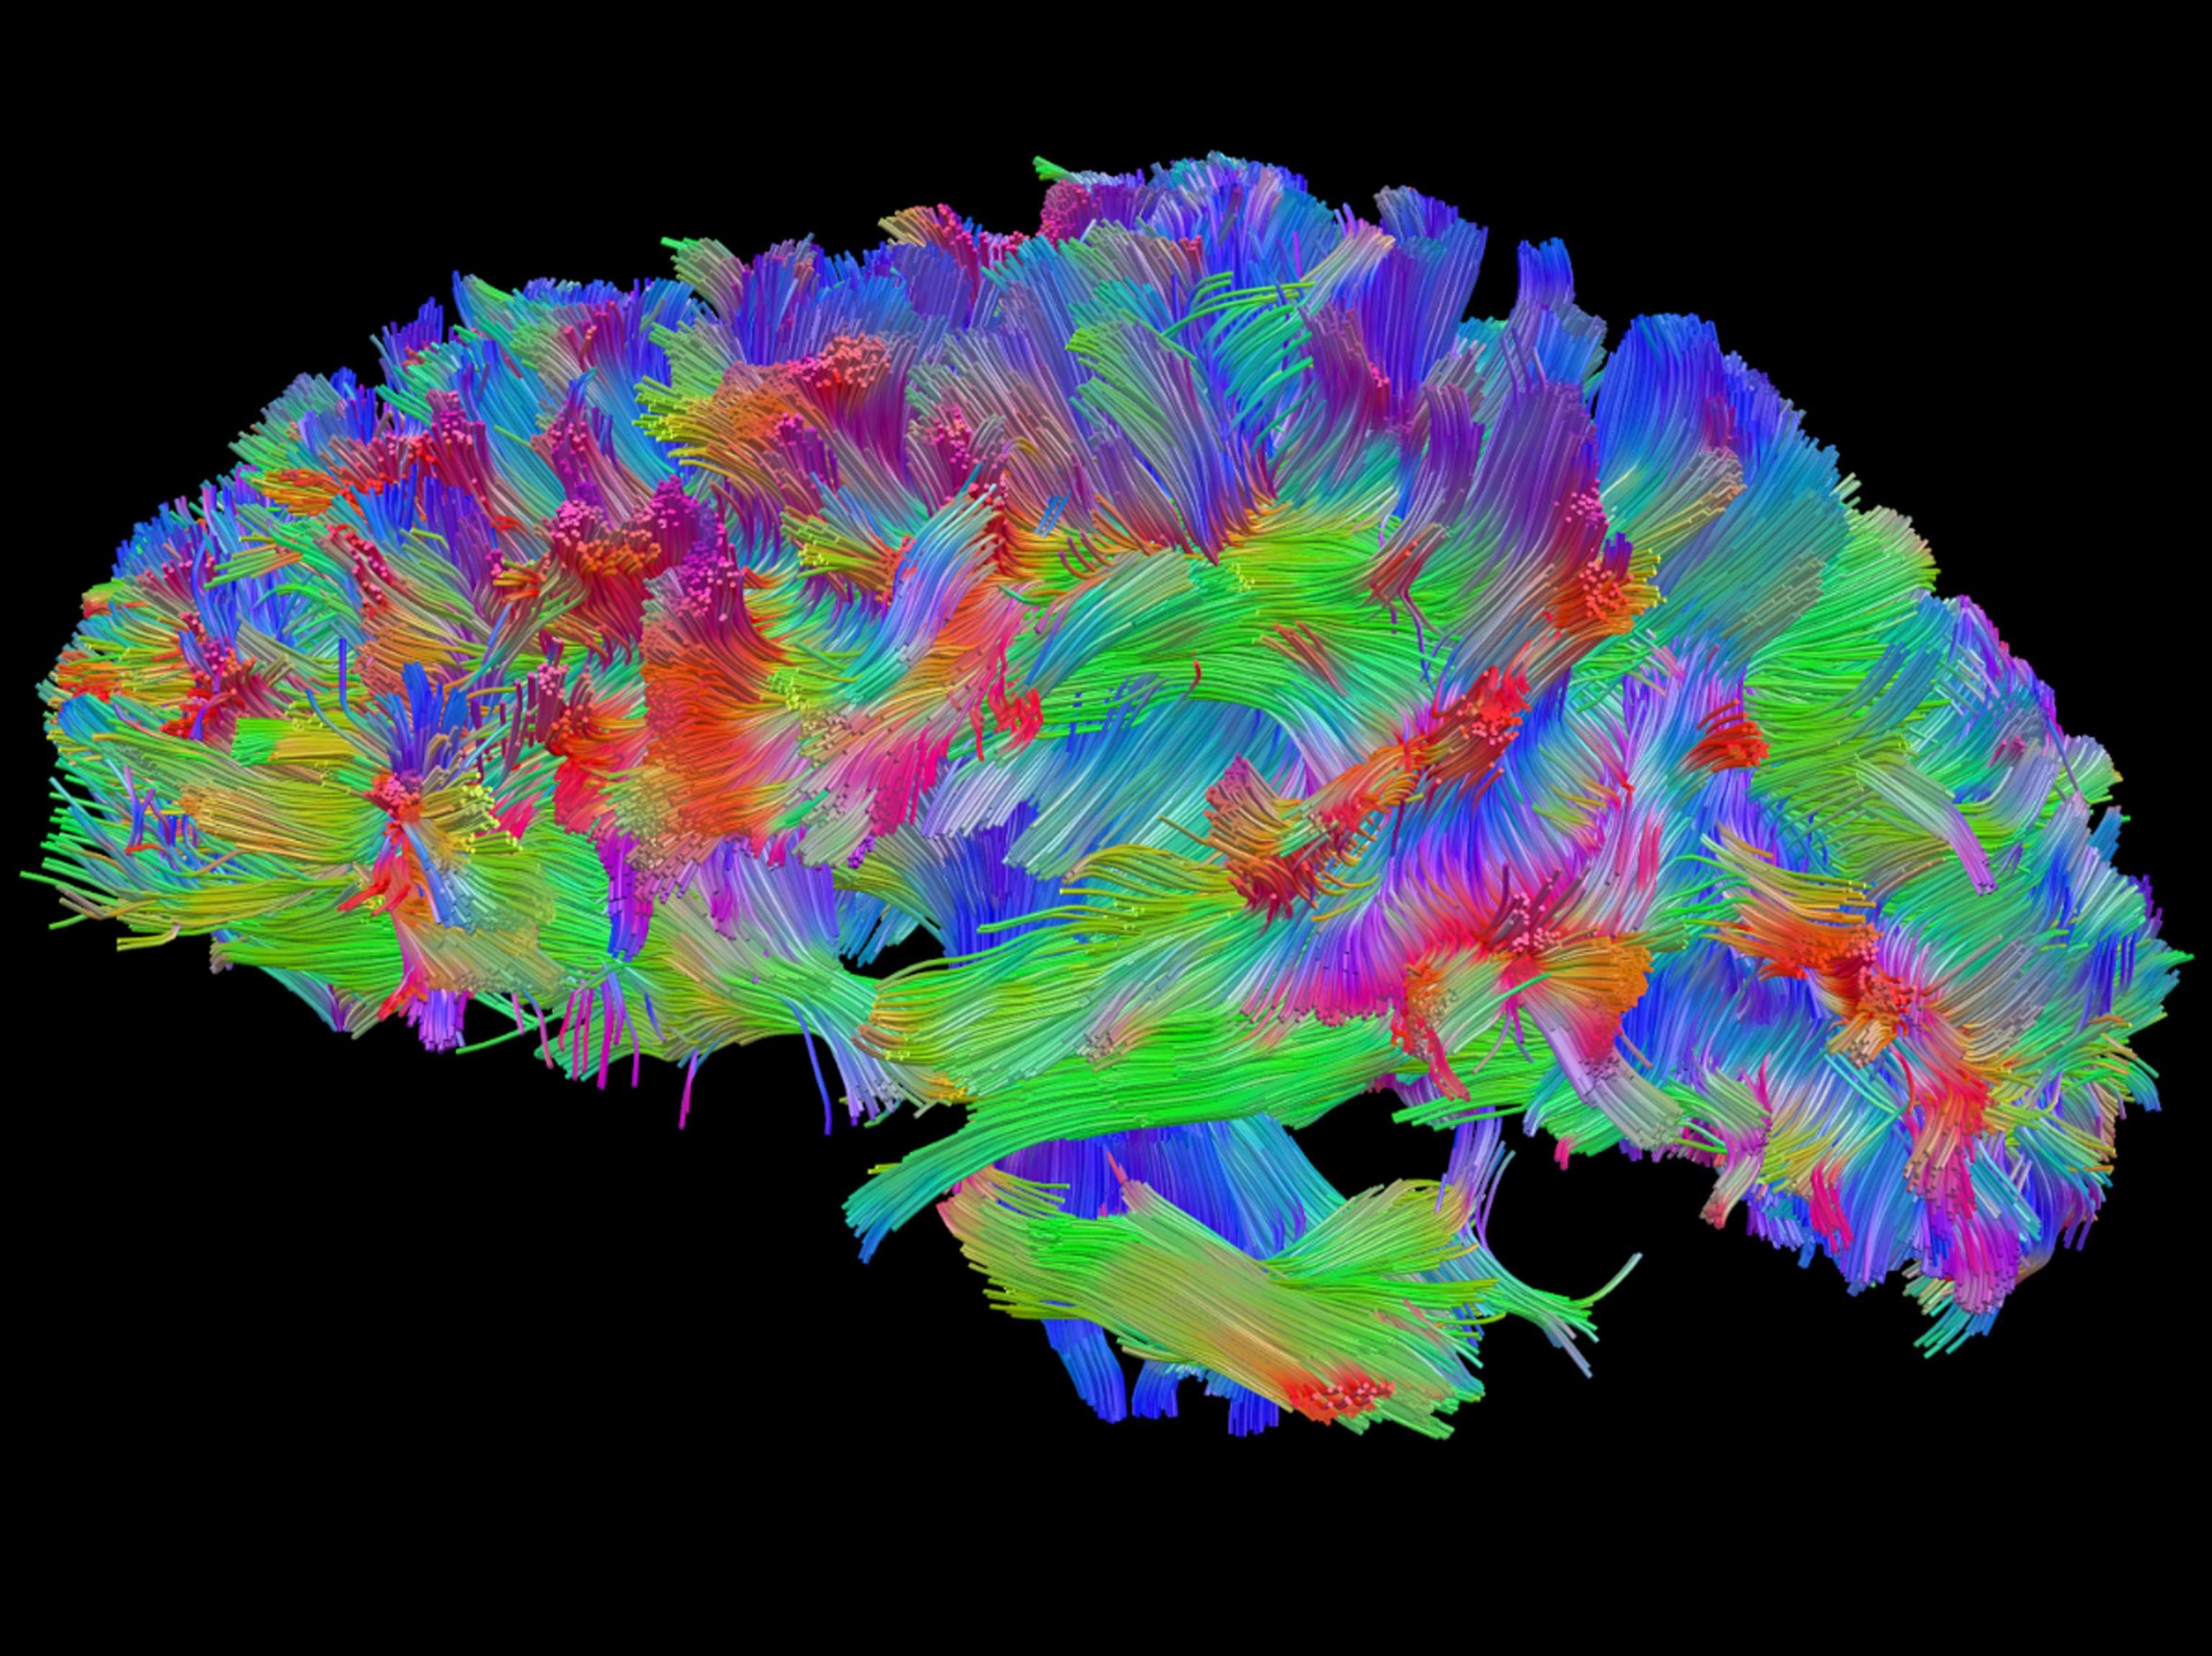 Danni cerebrali irreversibili: sintomi, cause e possibilità di recupero